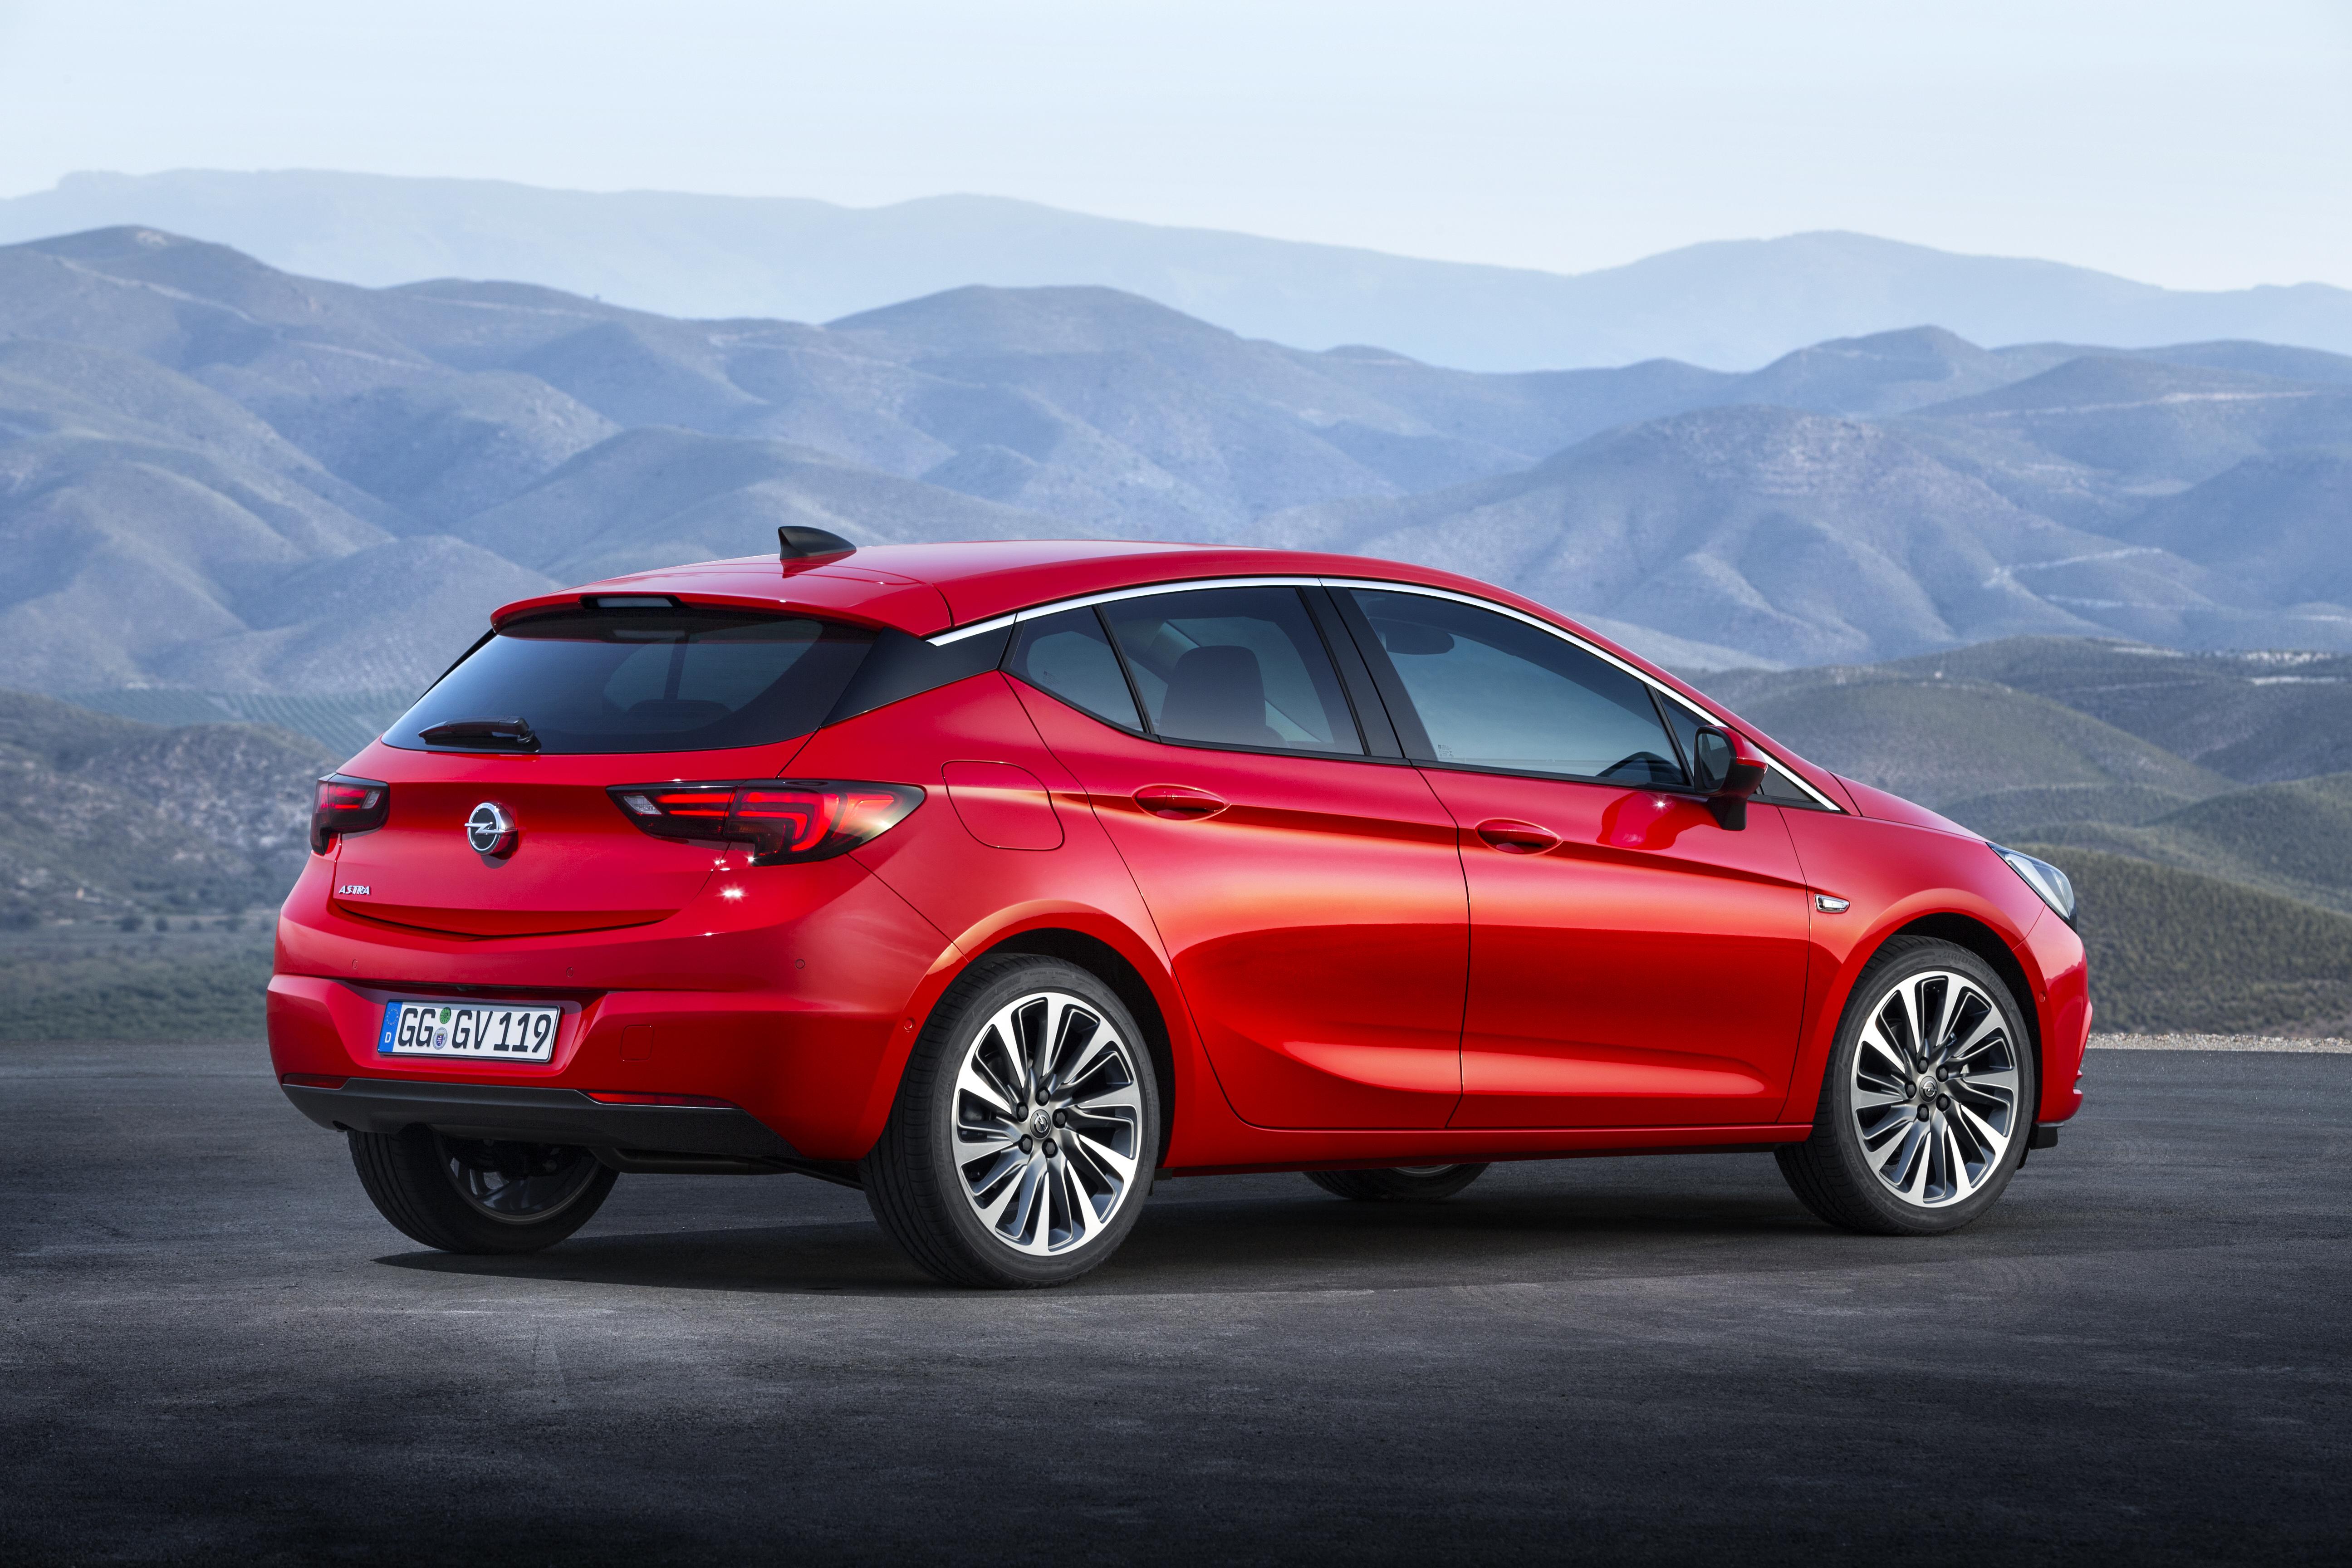 Nuova Opel Astra riduce le emissioni di Co2